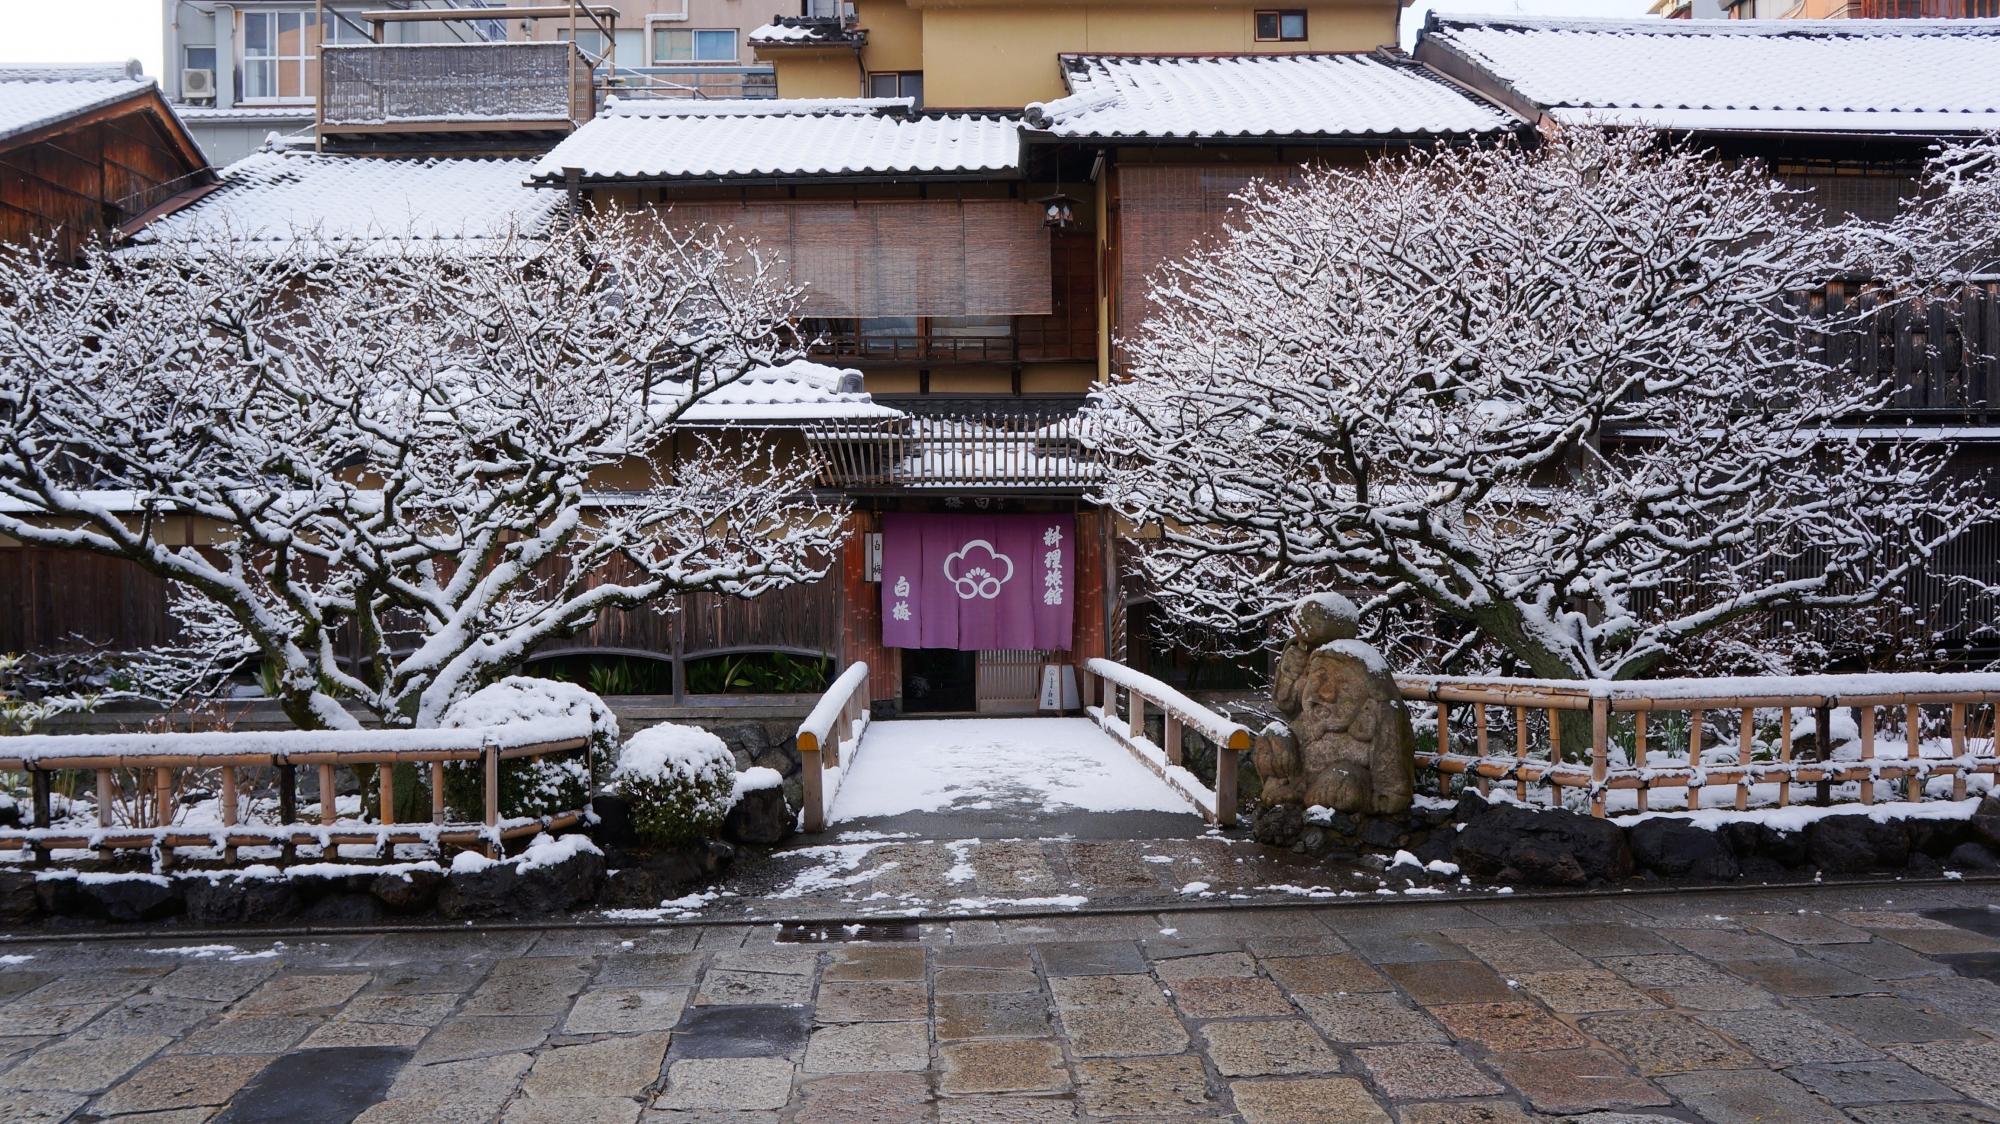 料理旅館の白梅(しらうめ)の雪景色